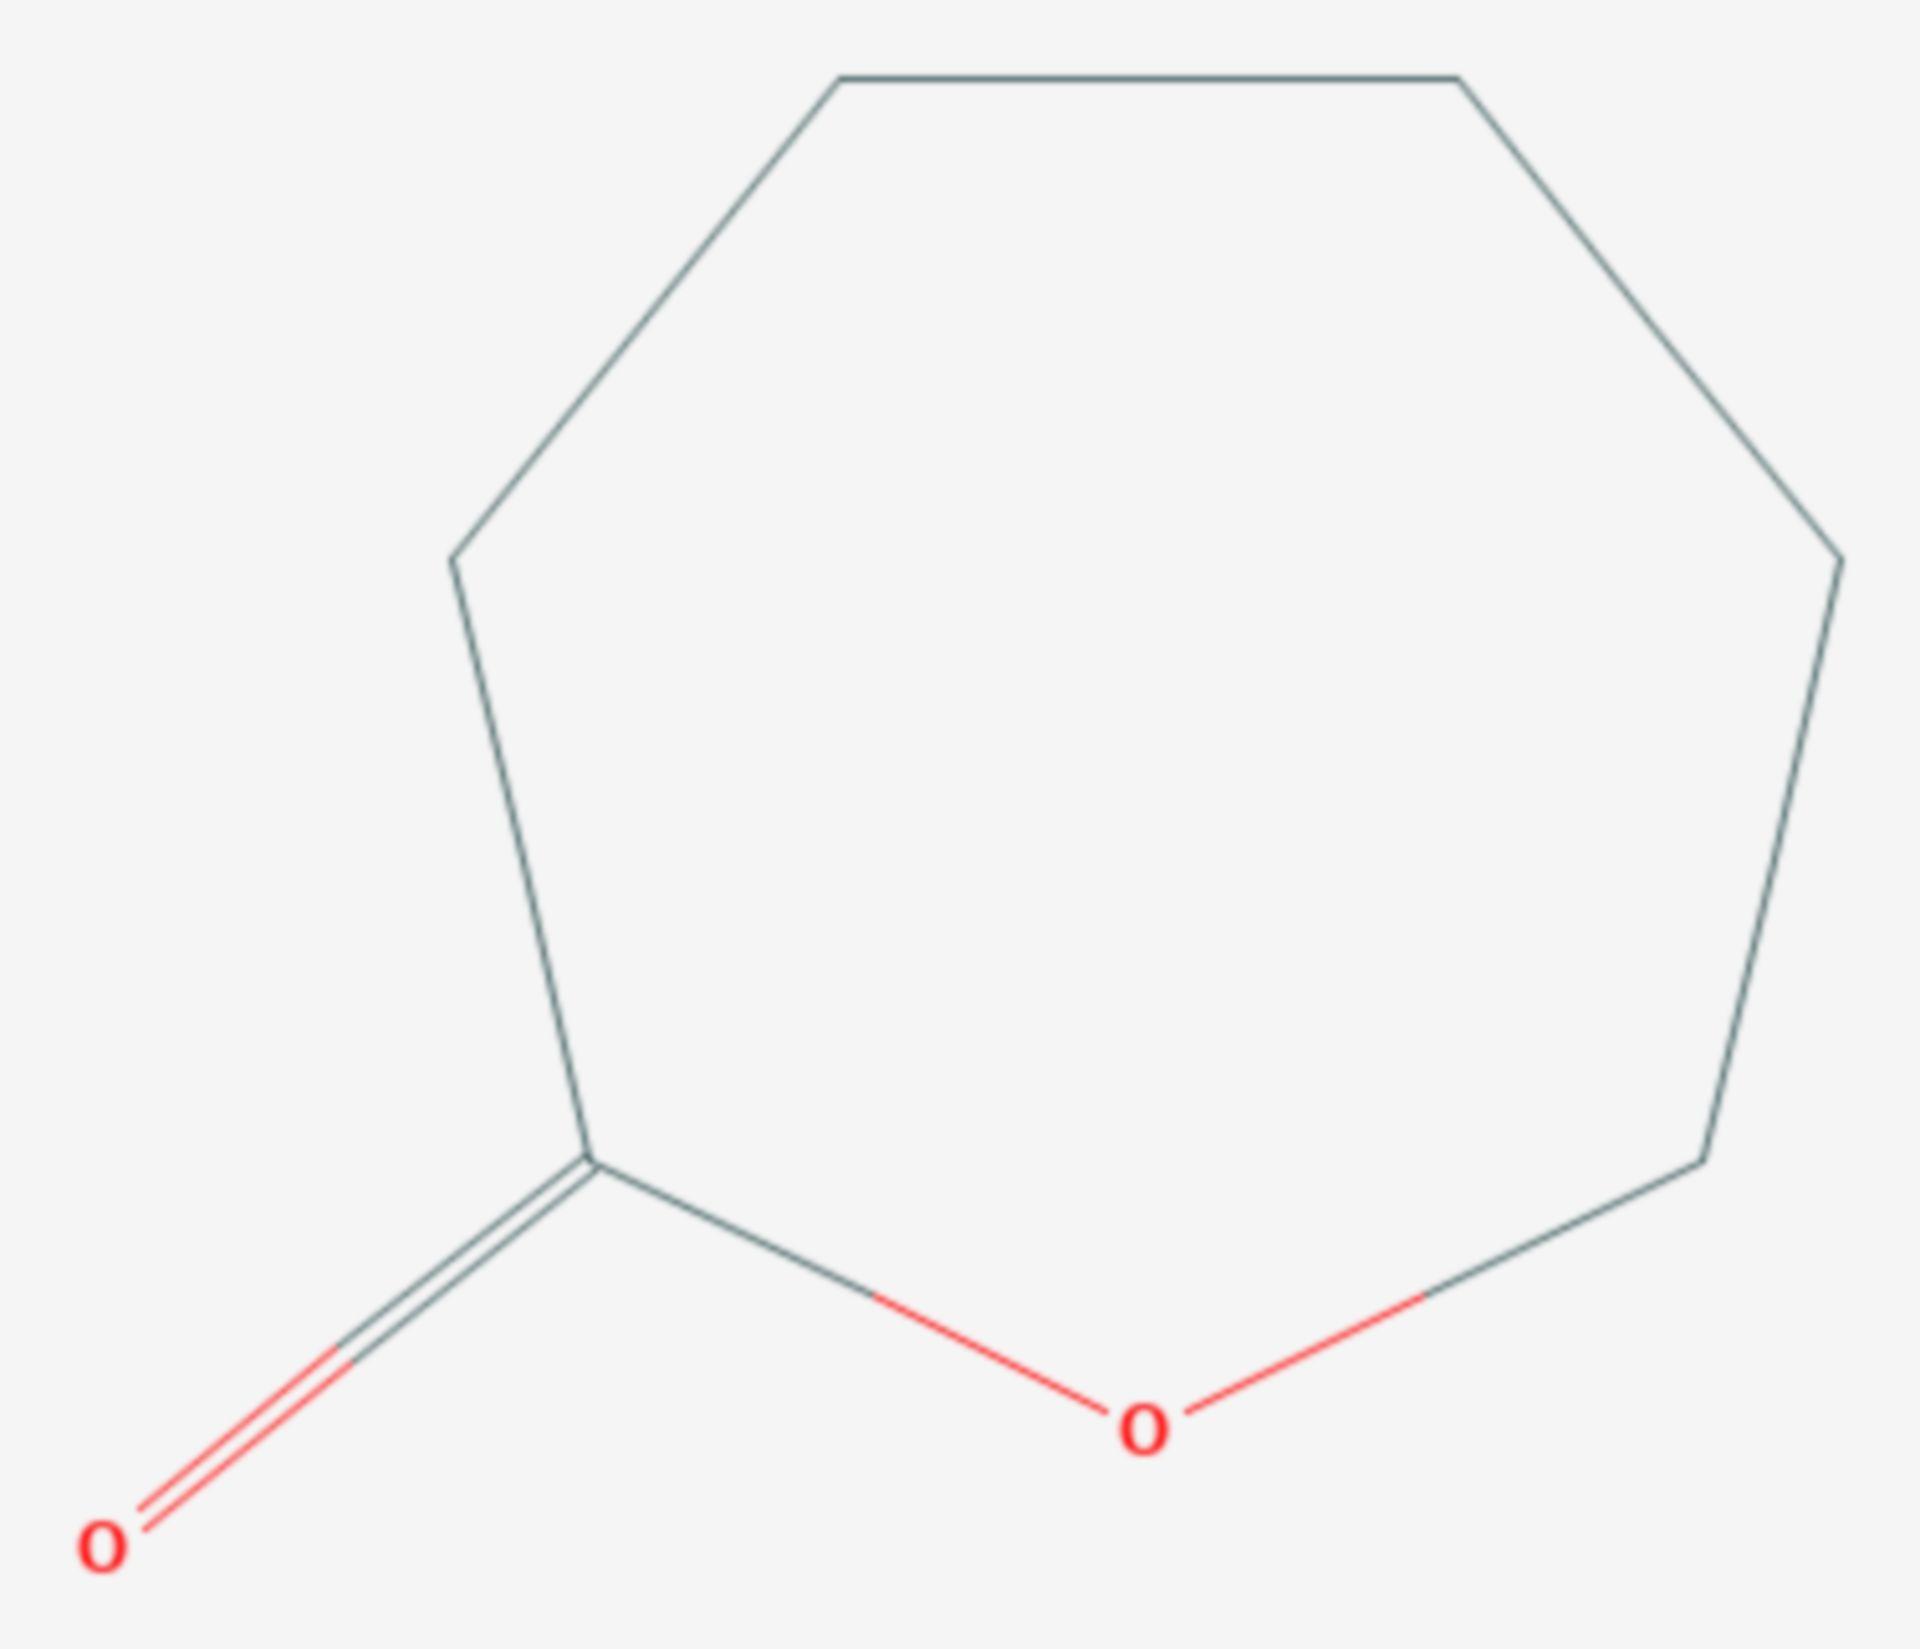 Ε-Caprolacton (Strukturformel)